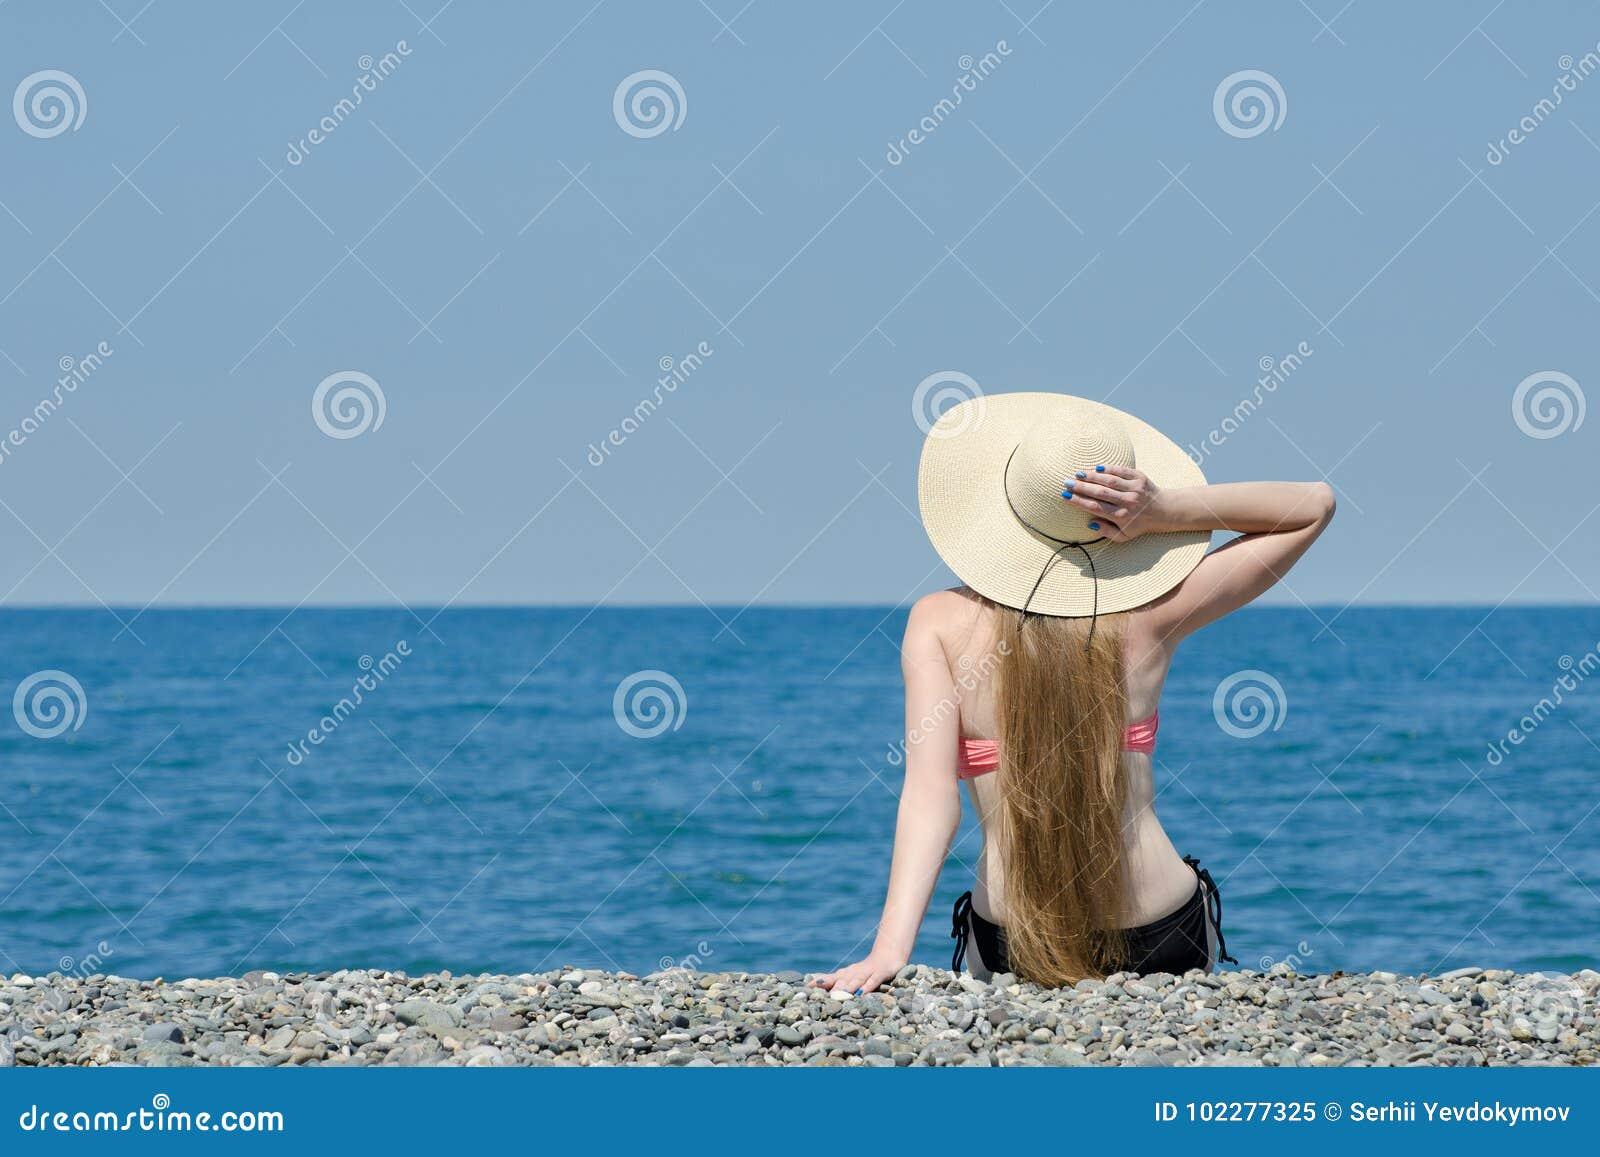 la belle fille dans un chapeau et un maillot de bain s 39 assied sur la plage mer et ciel sur le. Black Bedroom Furniture Sets. Home Design Ideas